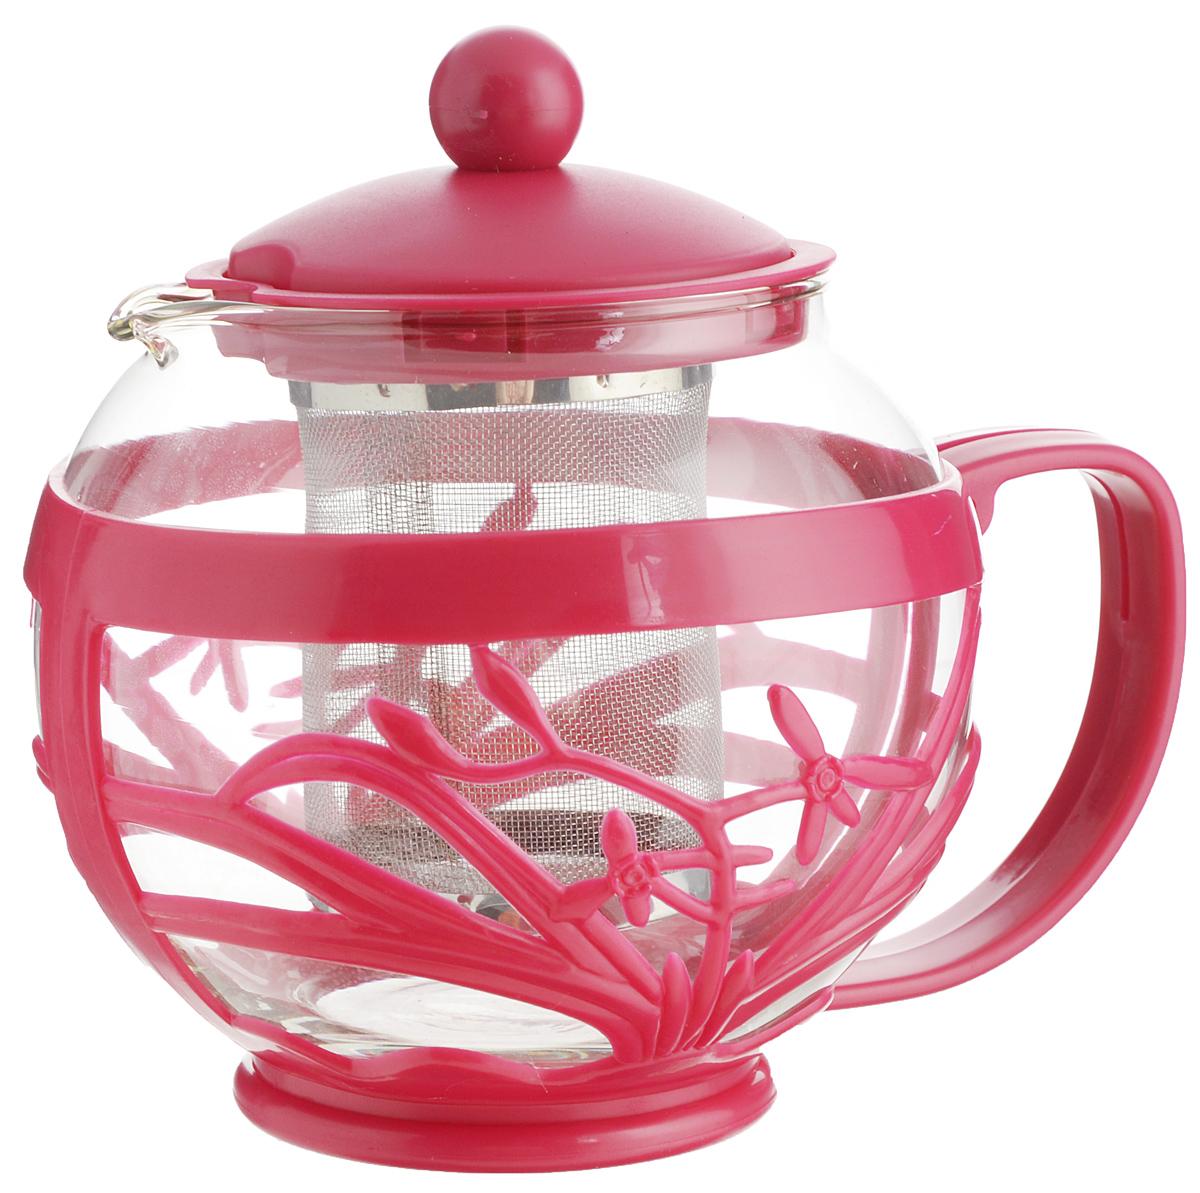 Чайник заварочный Menu Мелисса, с фильтром, цвет: прозрачный, малиновый, 750 млMLS-75_малиновыйЧайник Menu Мелисса изготовлен из прочного стекла и пластика. Он прекрасно подойдет для заваривания чая и травяных напитков. Классический стиль и оптимальный объем делают его удобным и оригинальным аксессуаром. Изделие имеет удлиненный металлический фильтр, который обеспечивает высокое качество фильтрации напитка и позволяет заварить чай даже при небольшом уровне воды. Ручка чайника не нагревается и обеспечивает безопасность использования. Нельзя мыть в посудомоечной машине. Диаметр чайника (по верхнему краю): 8 см. Высота чайника (без учета крышки): 11 см. Размер фильтра: 6 х 6 х 7,2 см.